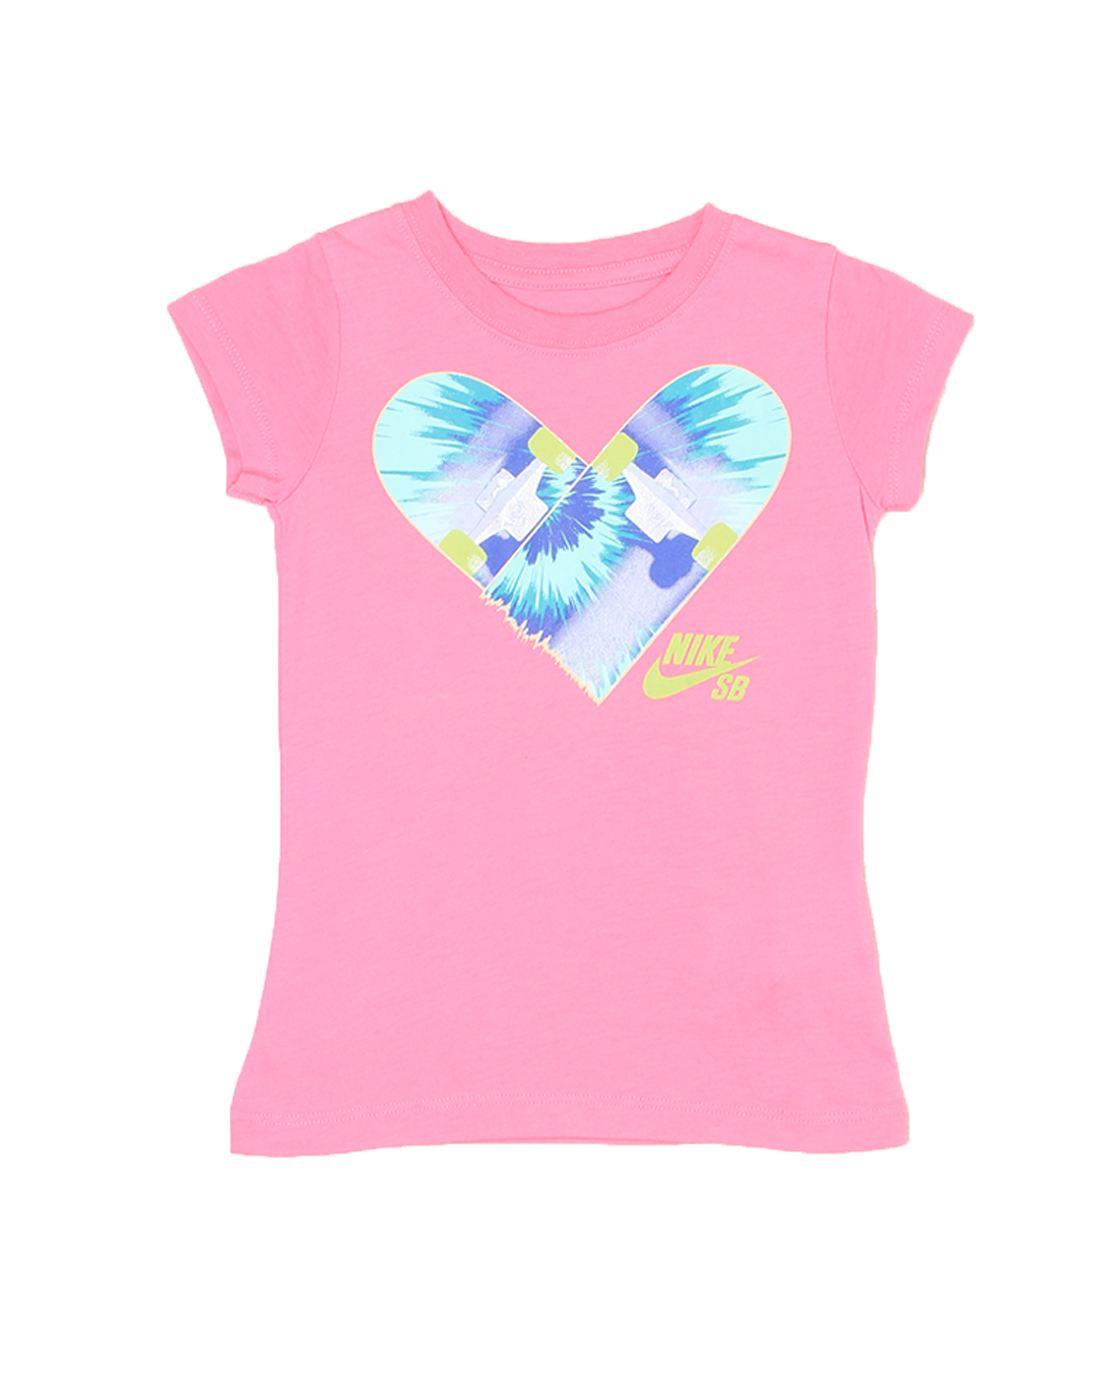 Nike Pink Cotton Girls Top